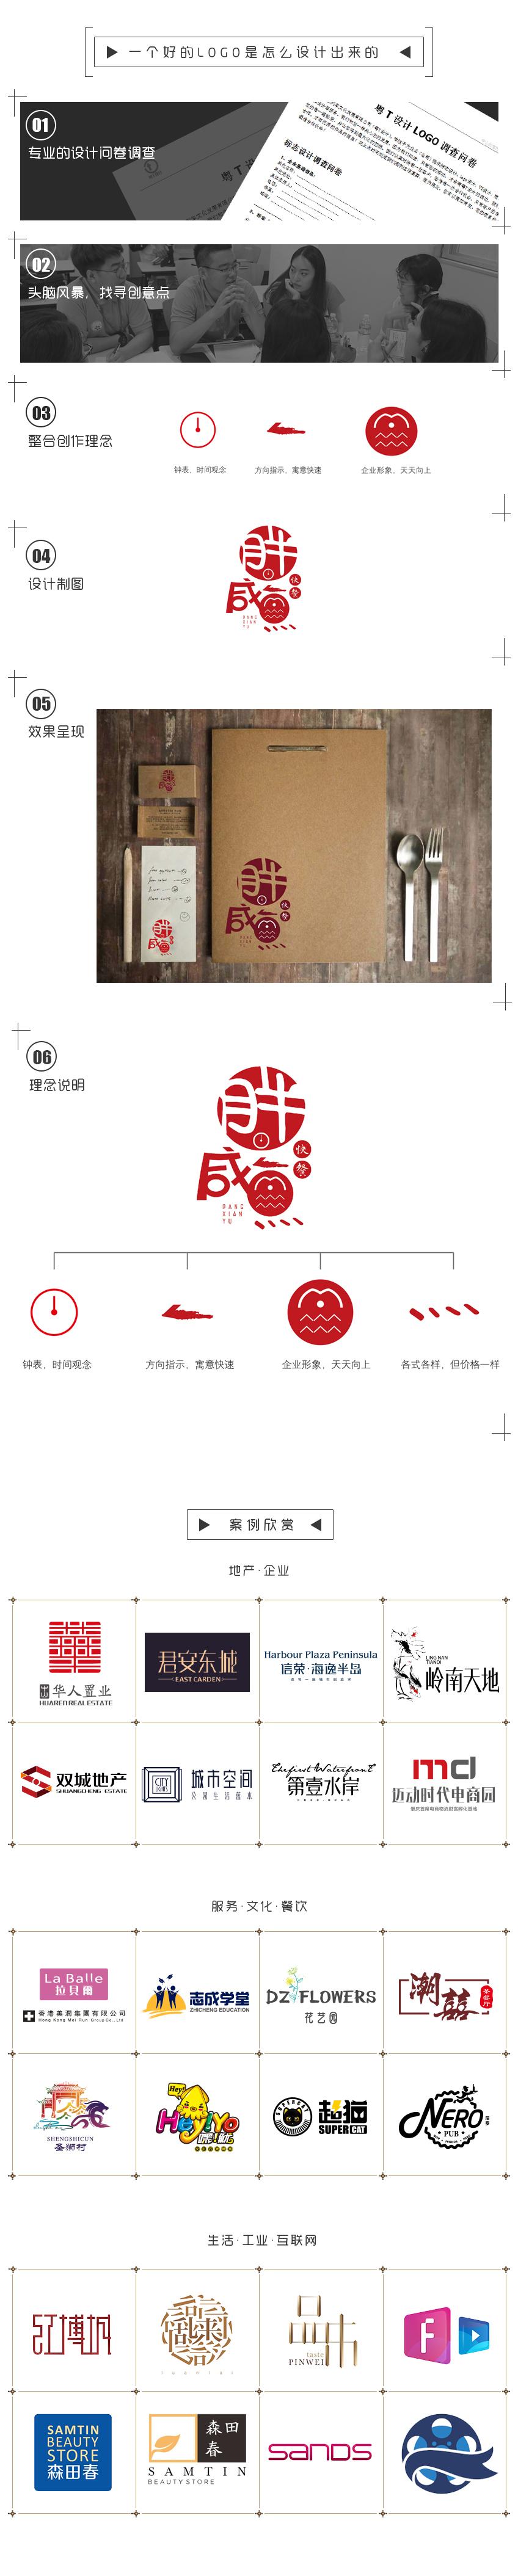 梦之城平台登录_梦之城平台登录设计 餐饮 网络公司  商标 标志设计 专注品牌设计3